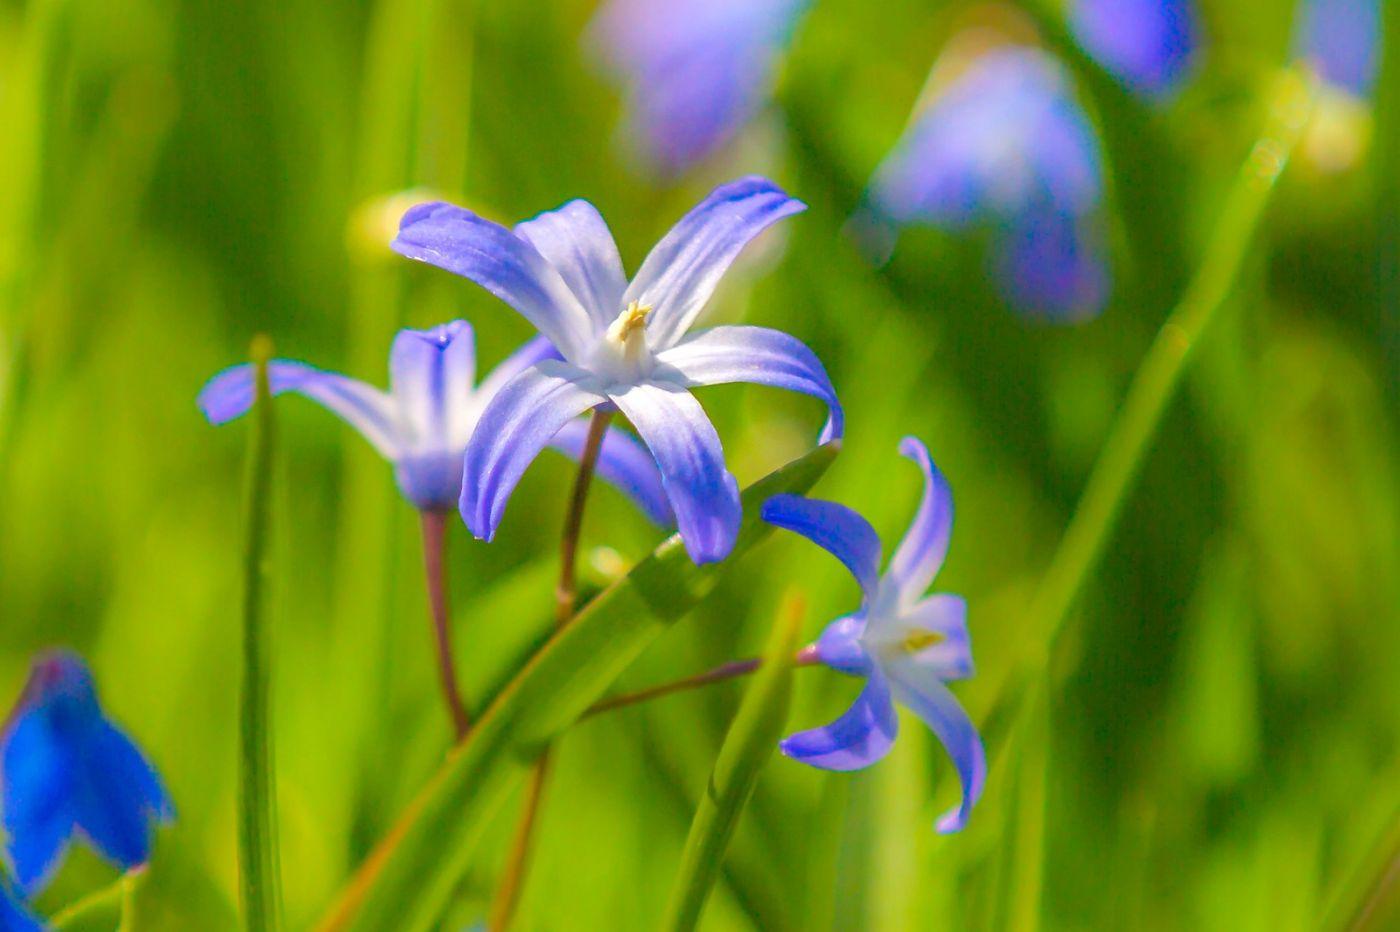 初春的脚步_图1-23